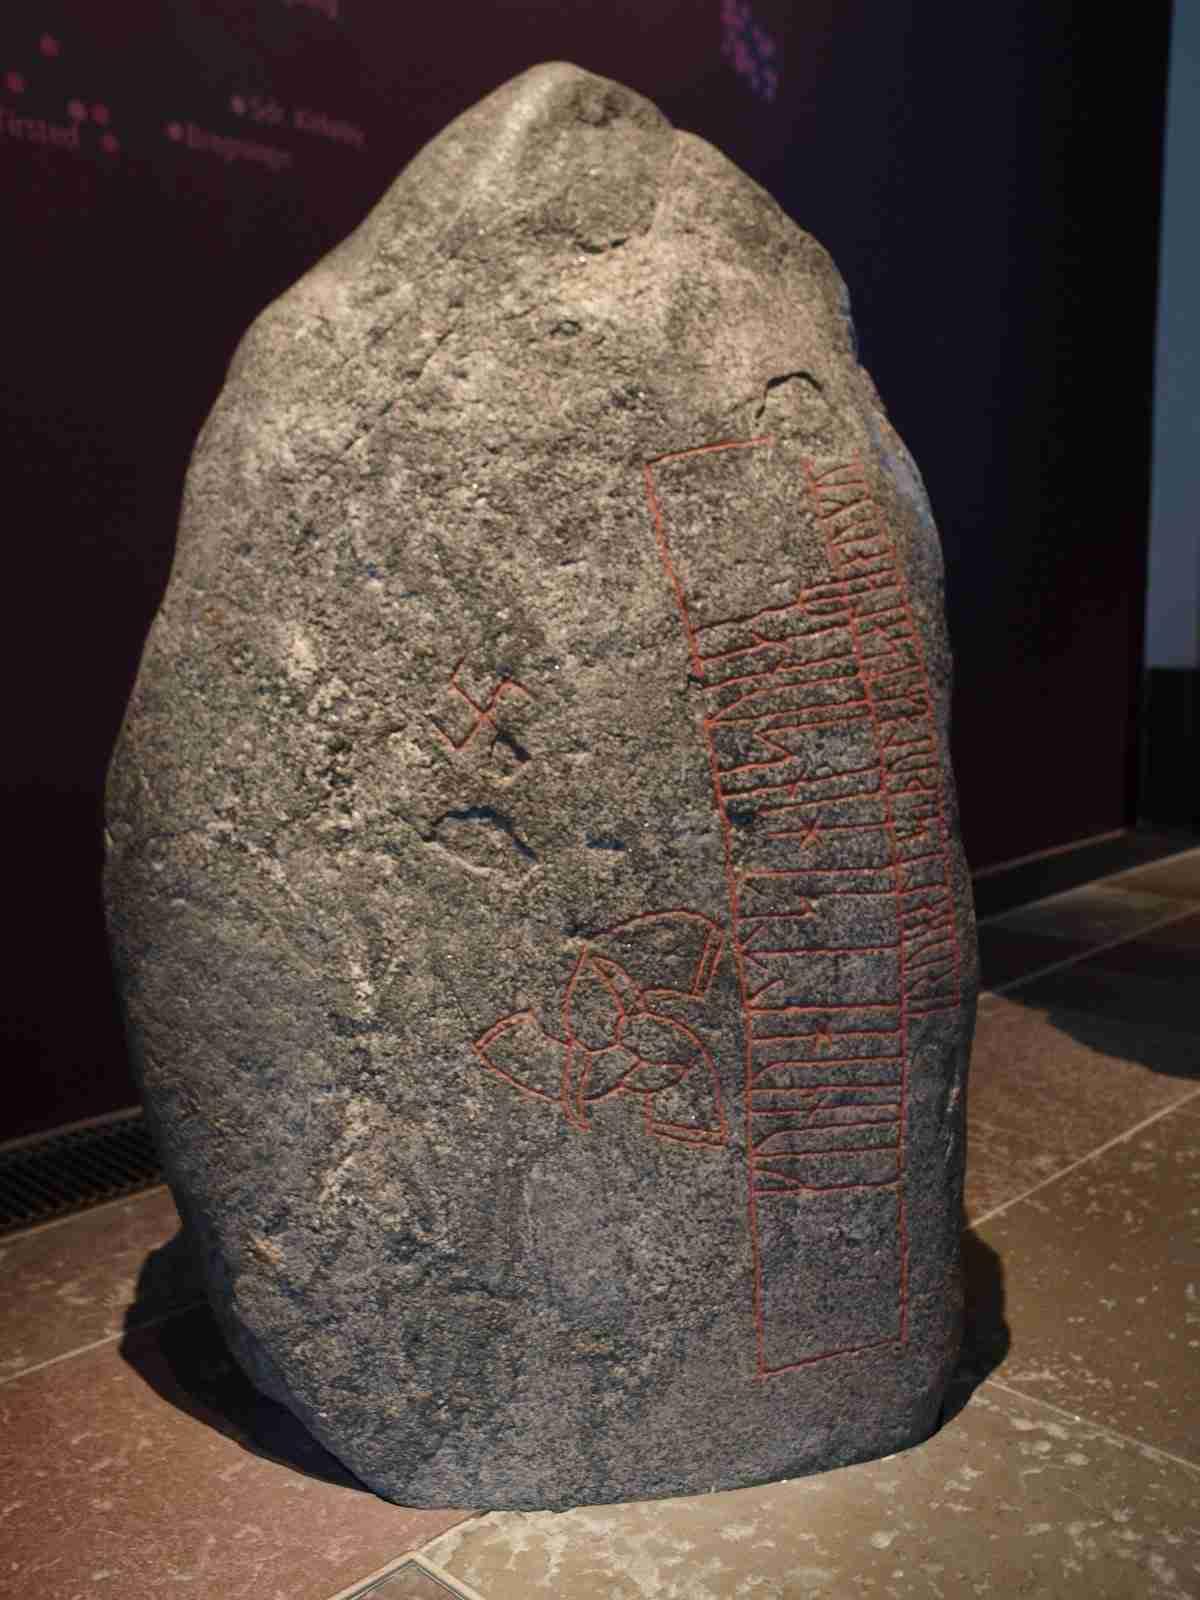 Piedra de Snoldelev con el triple cuerno de Odín.